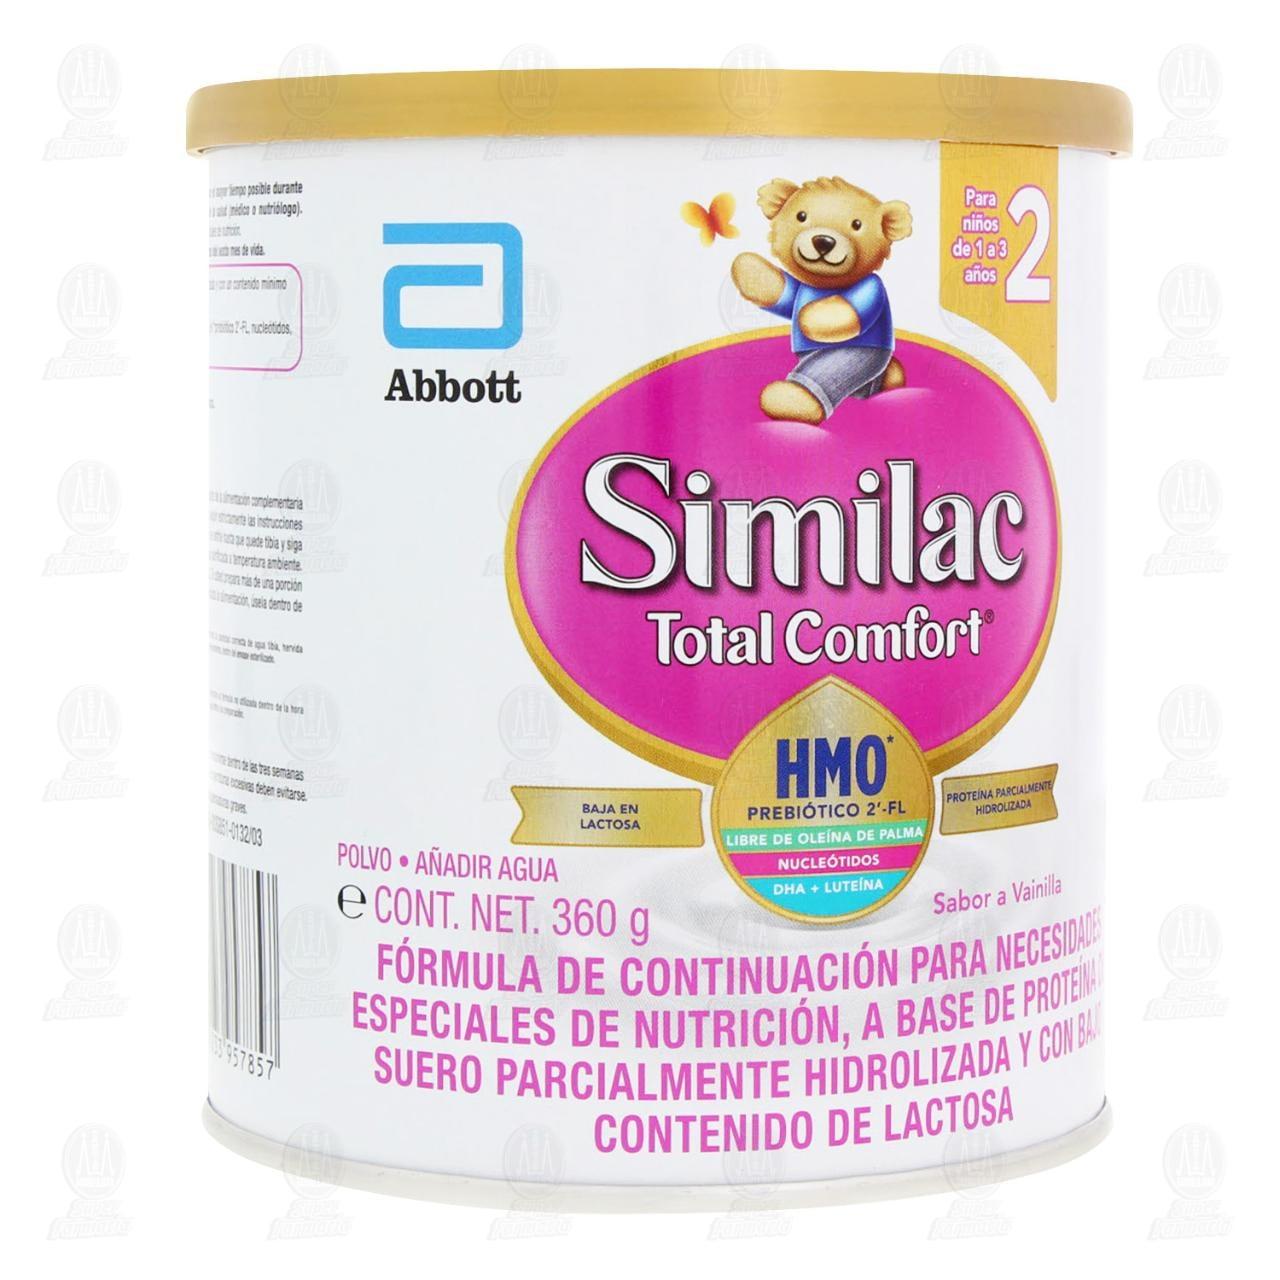 comprar https://www.movil.farmaciasguadalajara.com/wcsstore/FGCAS/wcs/products/1252623_A_1280_AL.jpg en farmacias guadalajara